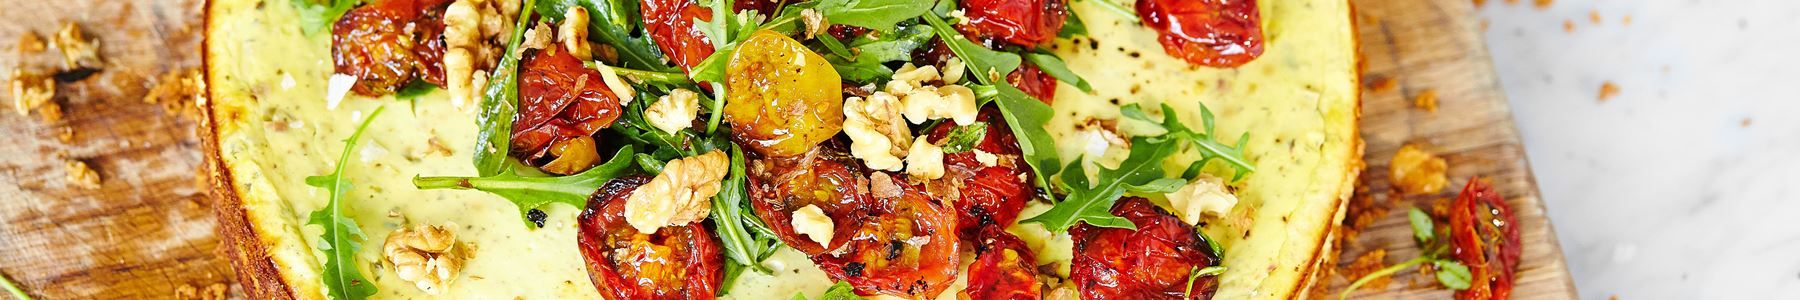 Tomat + Flødeost + Tærter